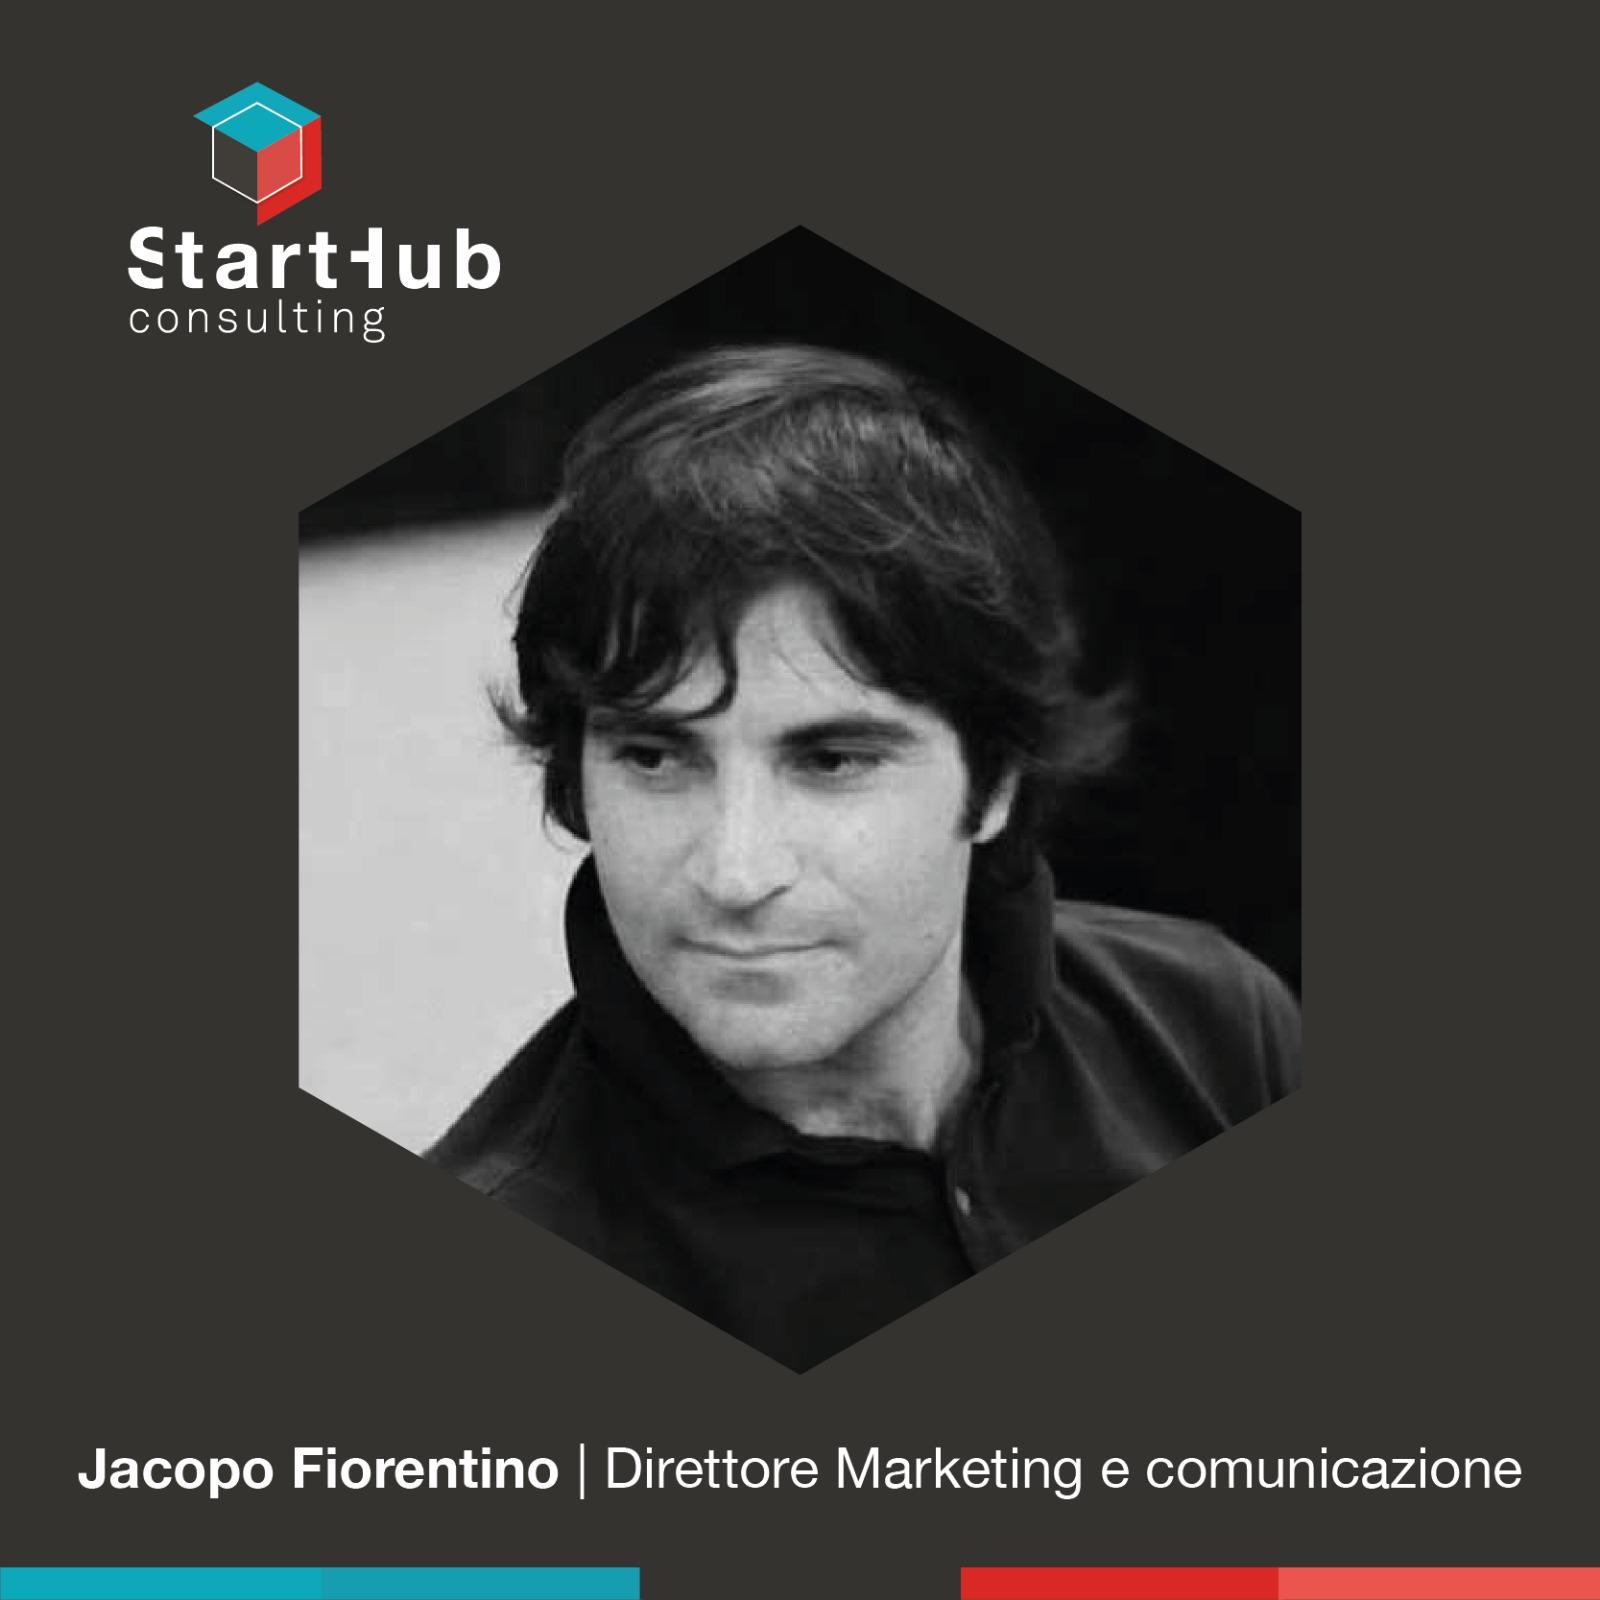 Jacopo Fiorentino